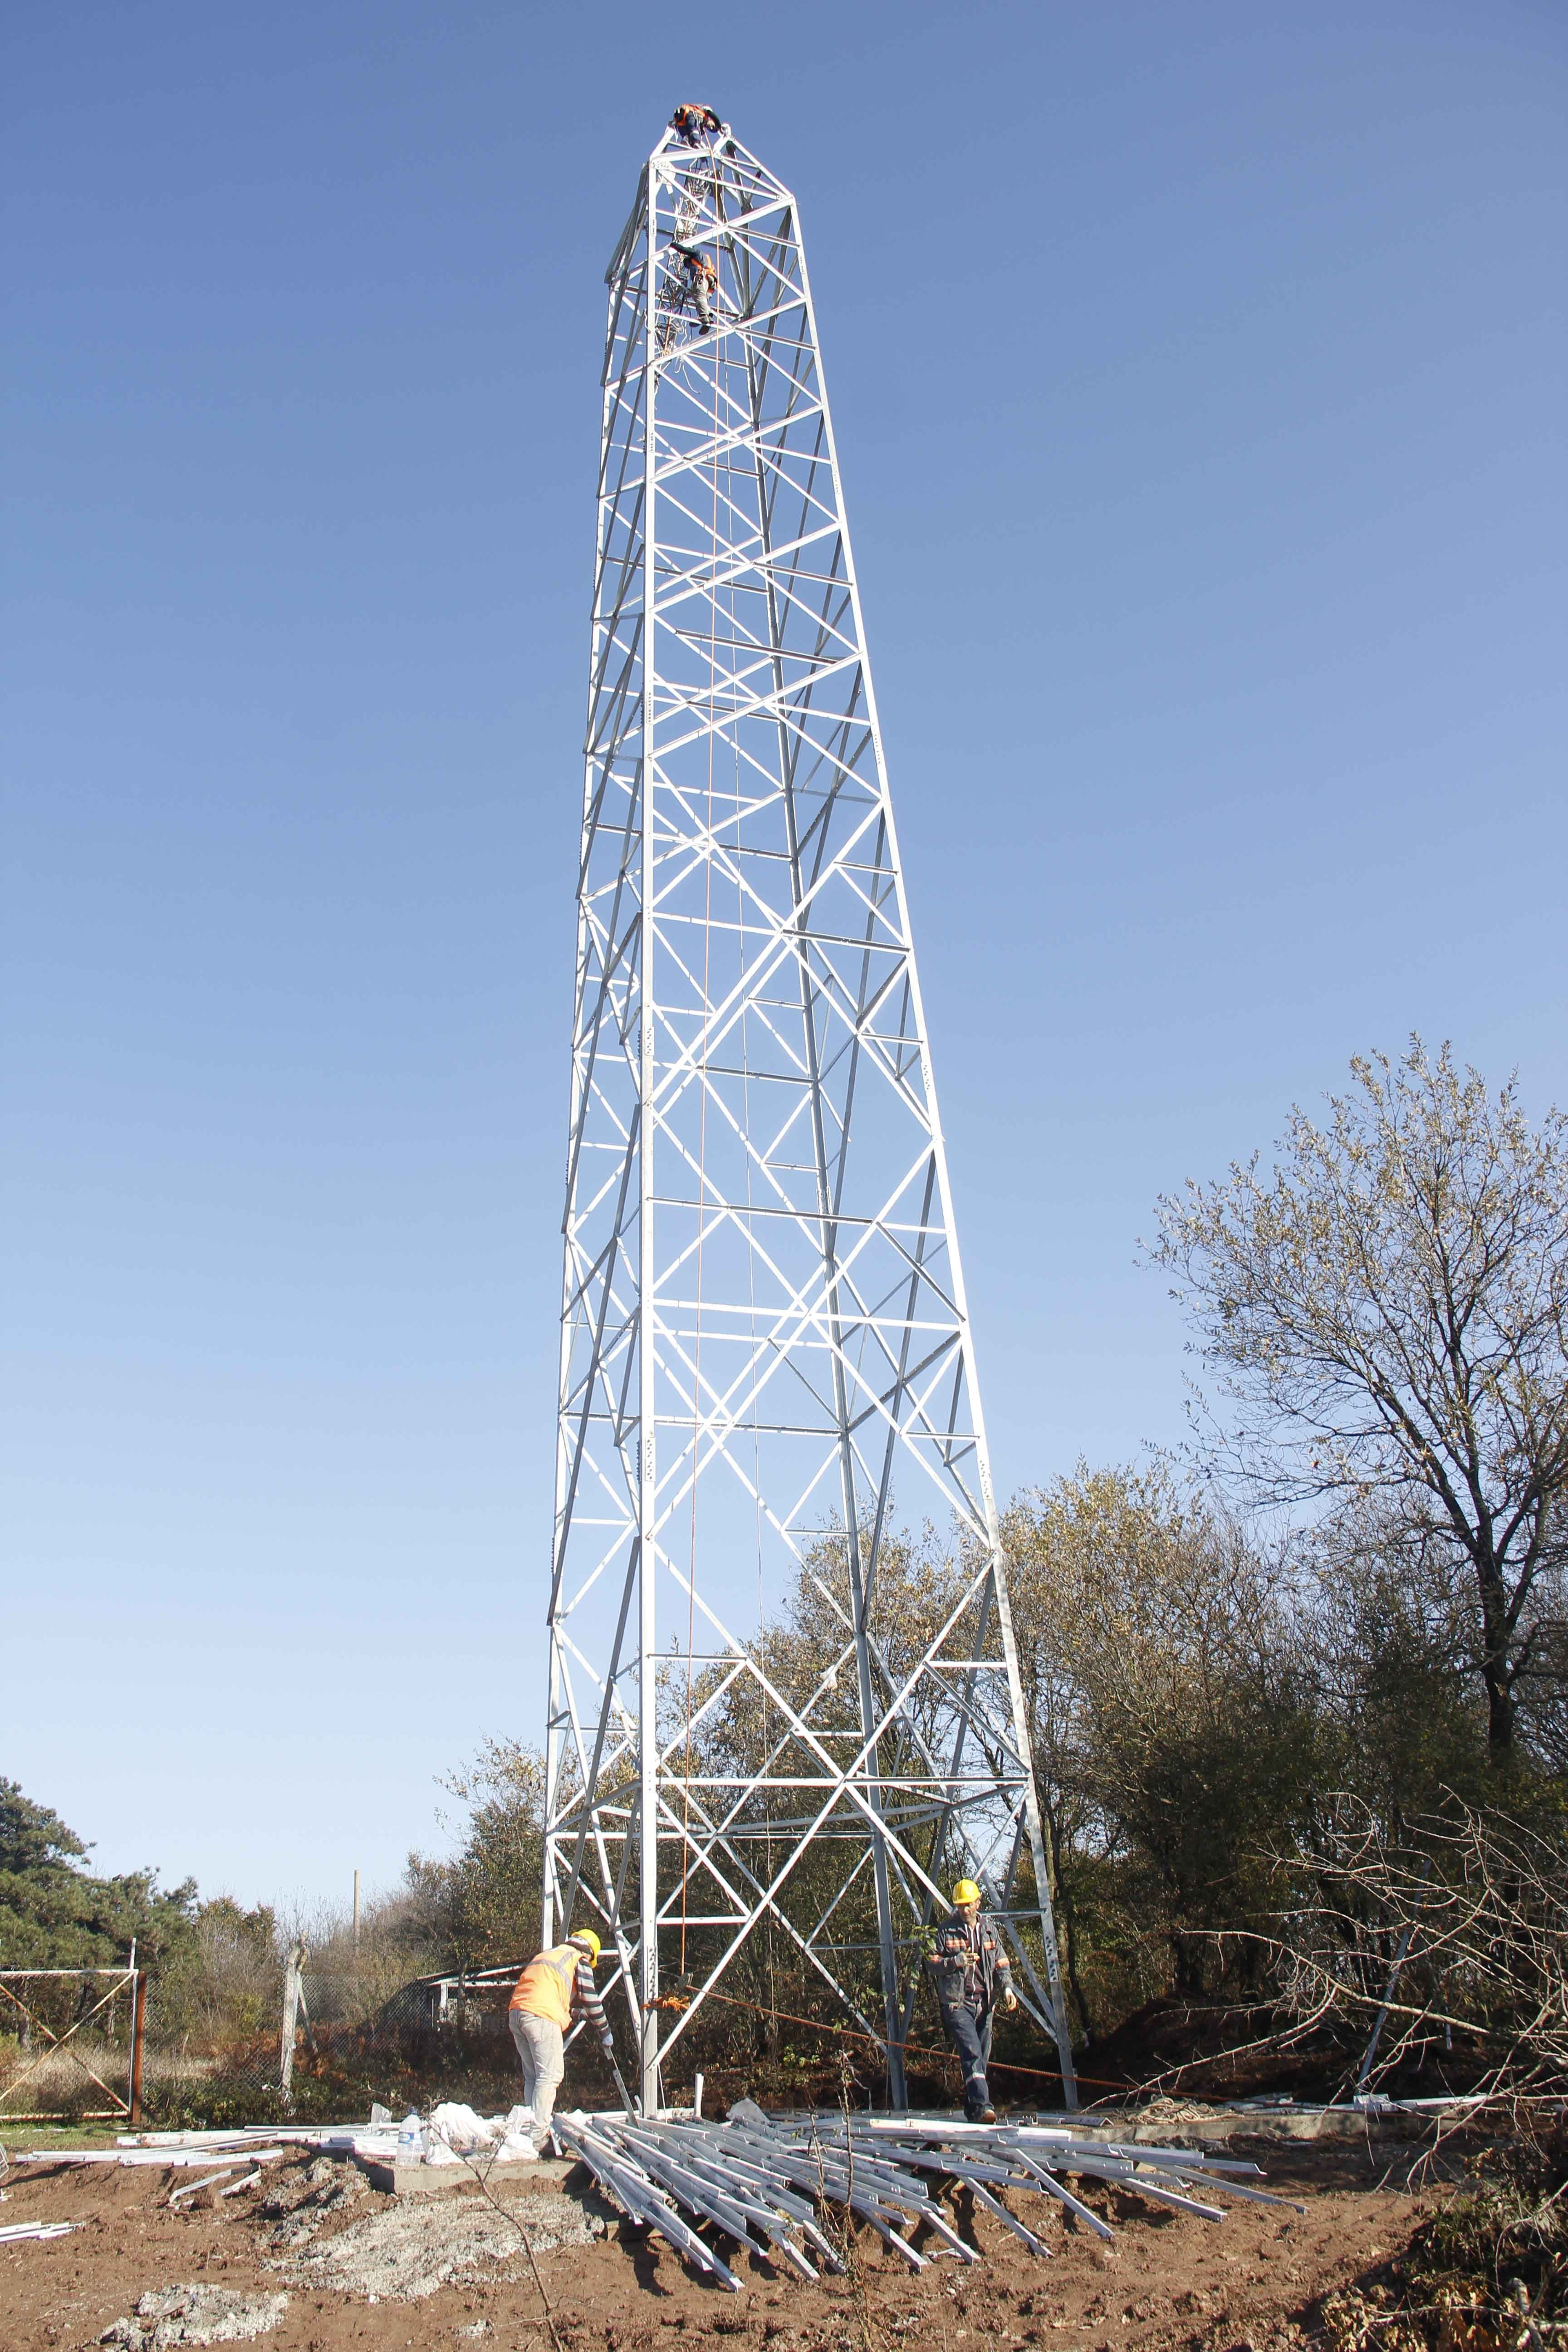 Darıca'ya acil durum telsiz ağı kurulacak